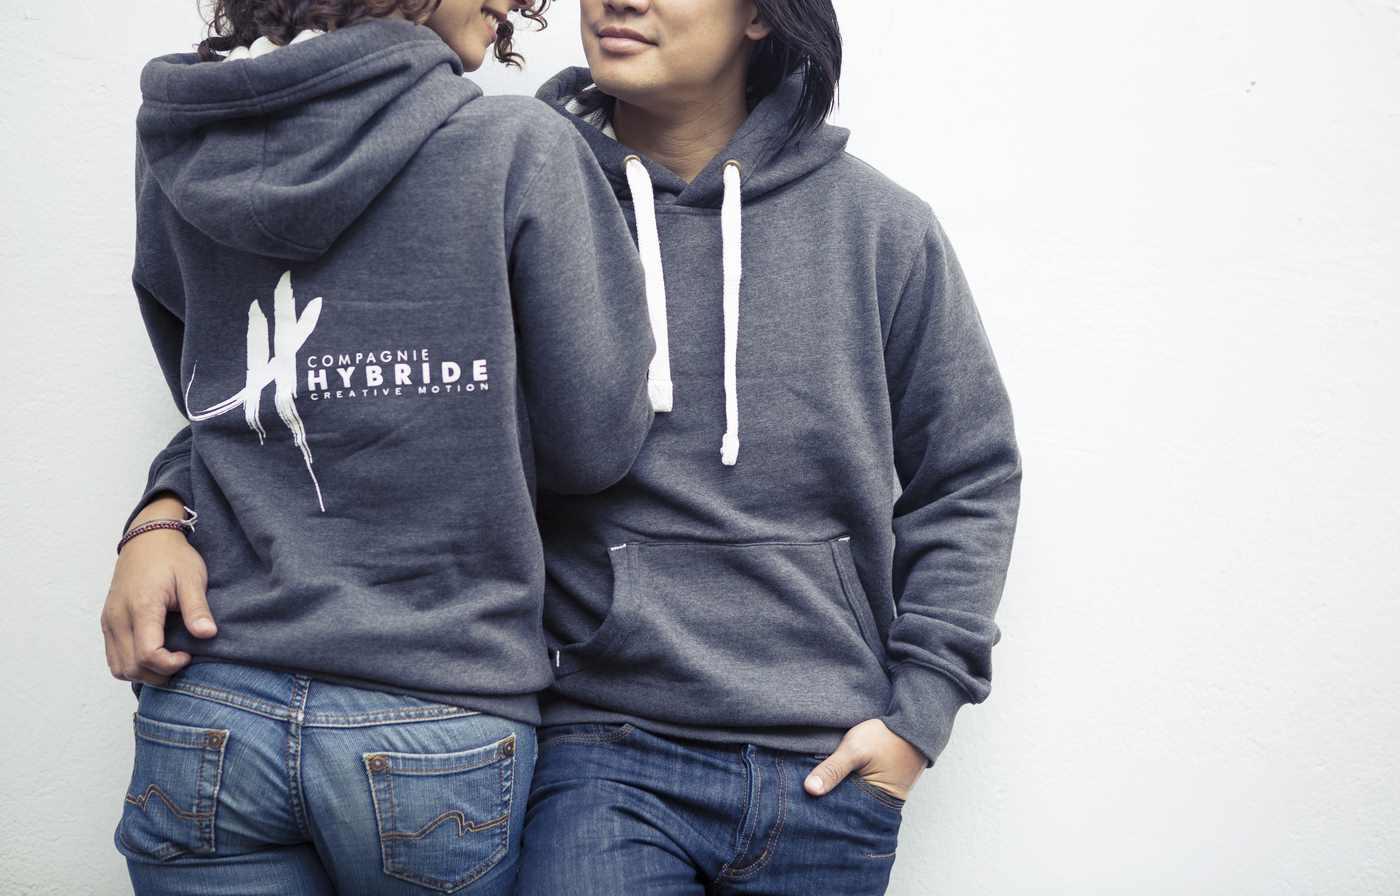 hybride hoodie